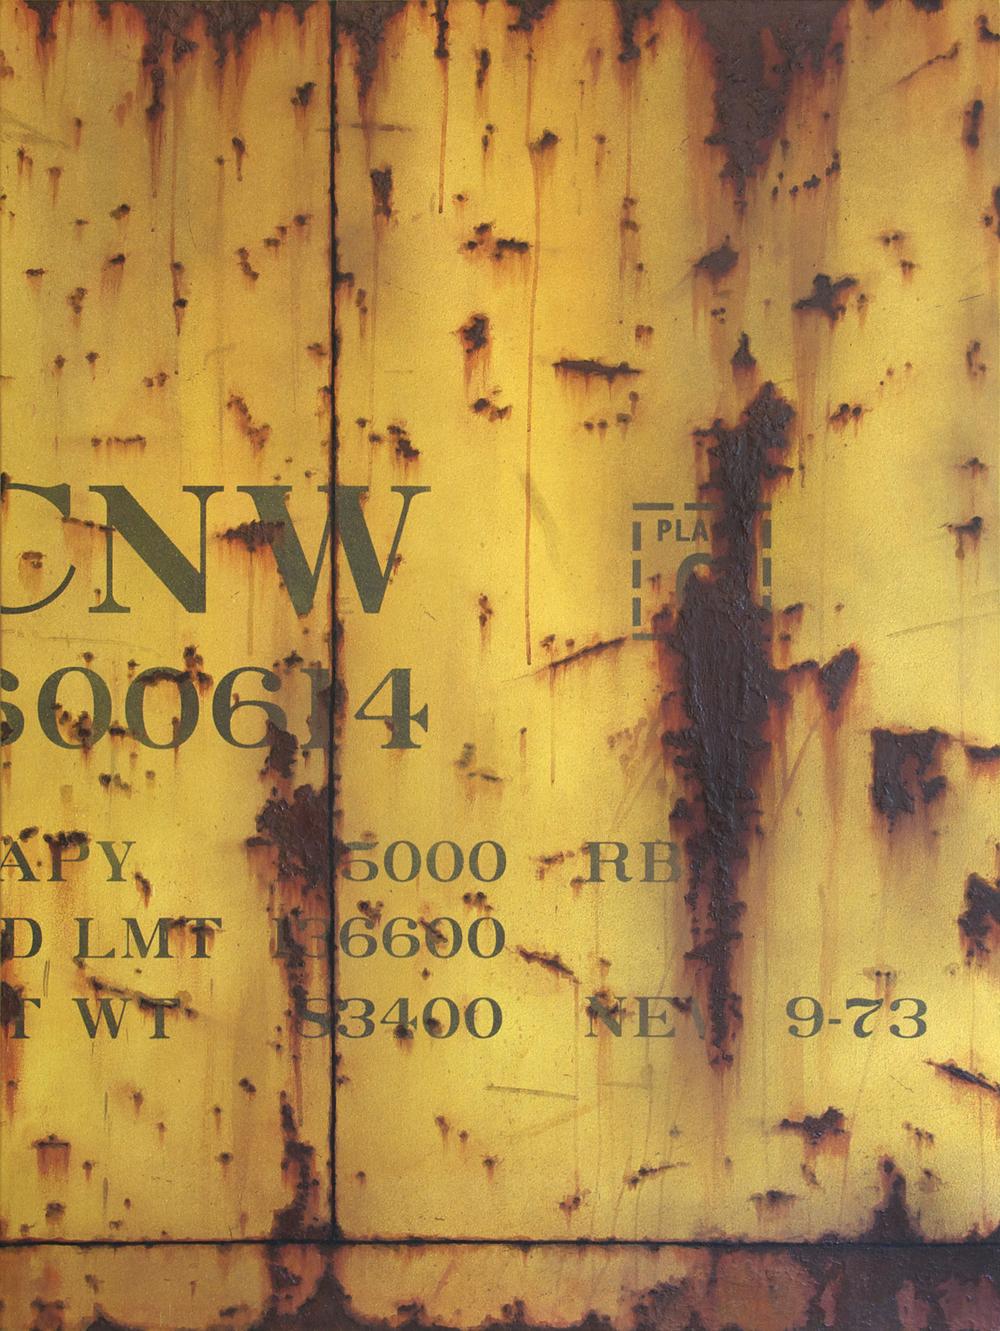 Blank Canvas #31 – CNW